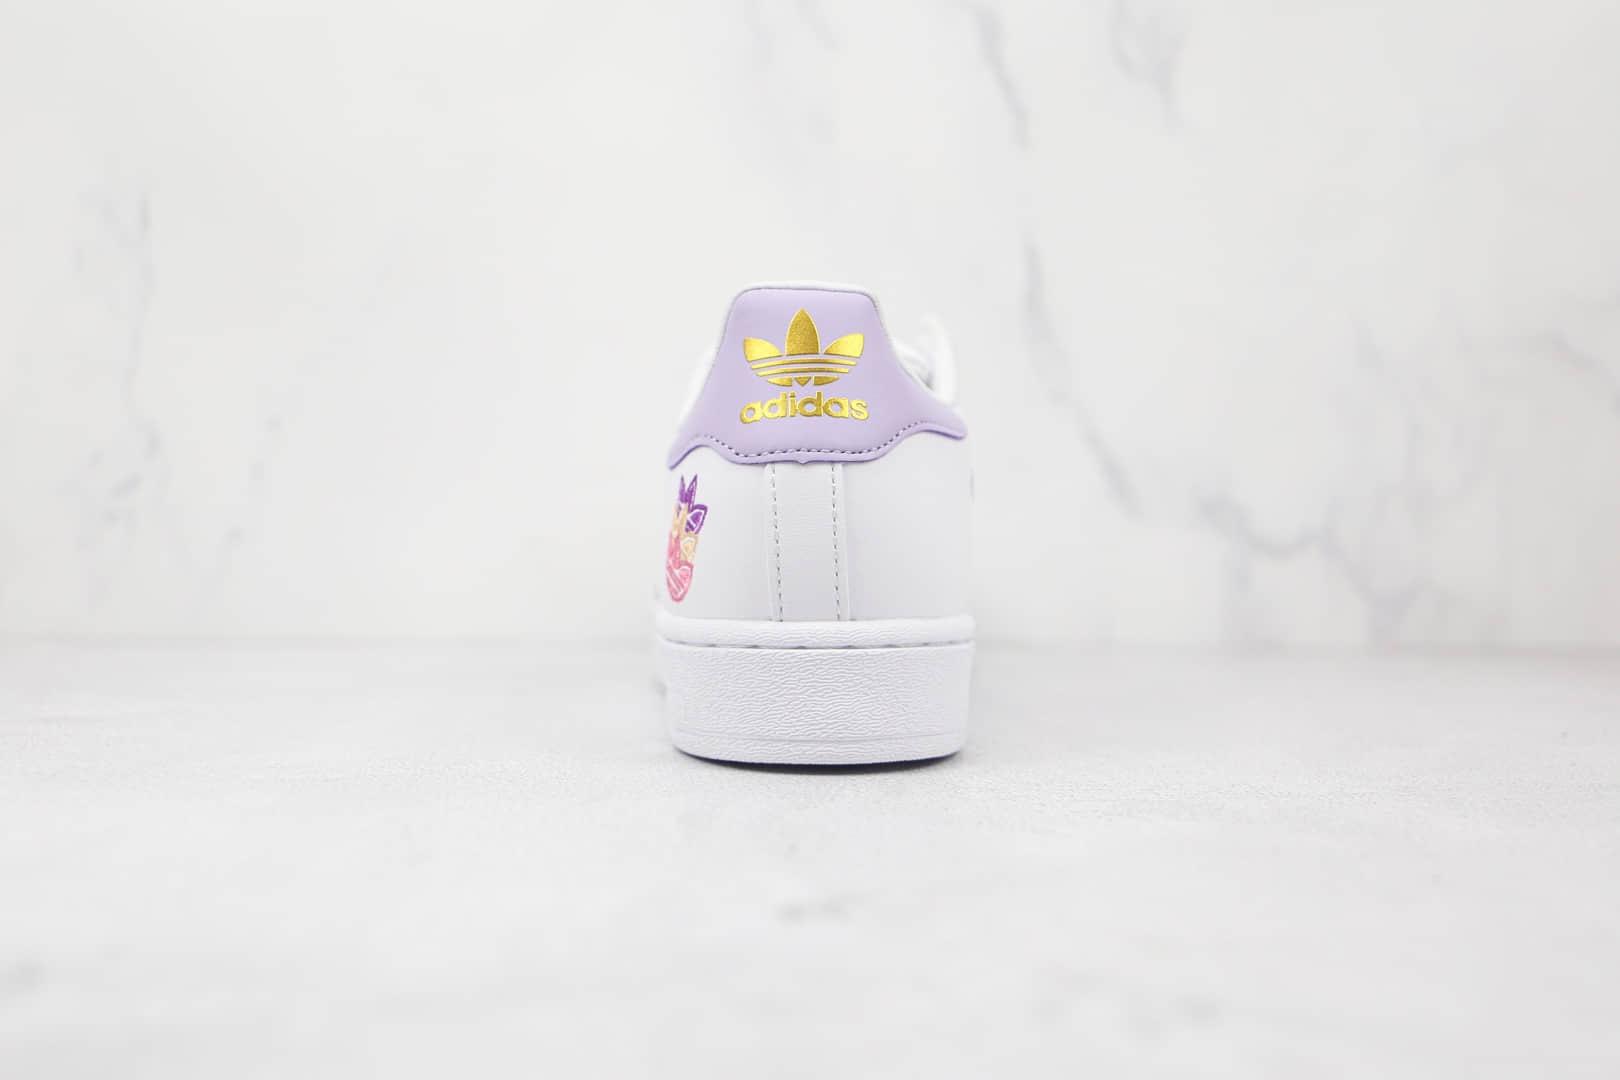 阿迪达斯Adidas Originals Superstars White Red Laceless纯原版本三叶草白紫色贝壳头板鞋原盒原标 货号:GZ8143